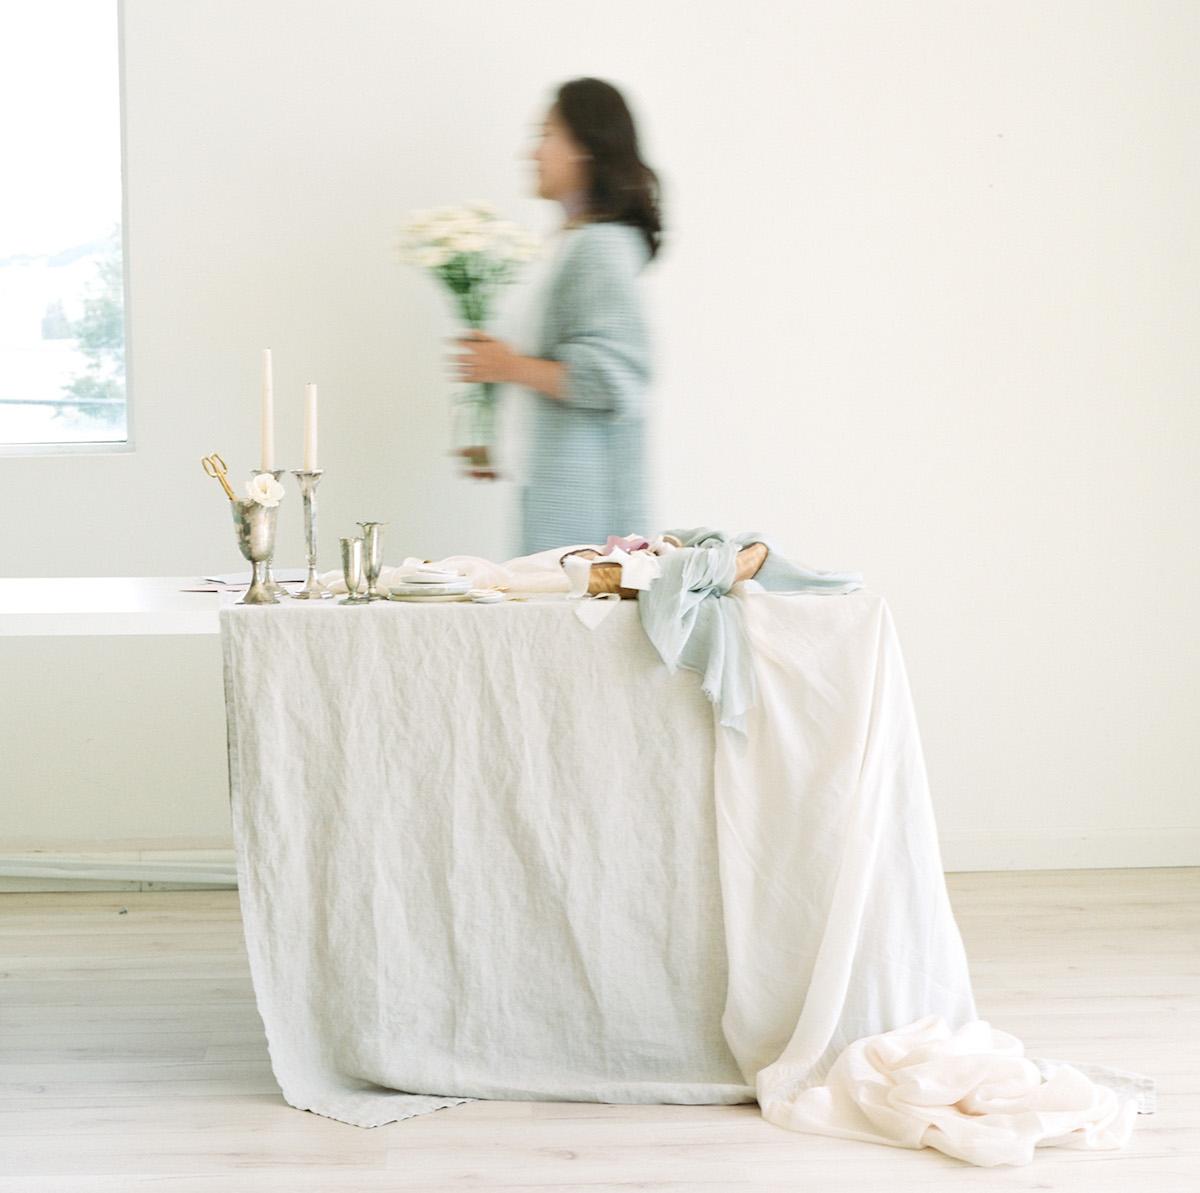 olea-and-fig-blooming-wed-brand-shoot-22.jpg